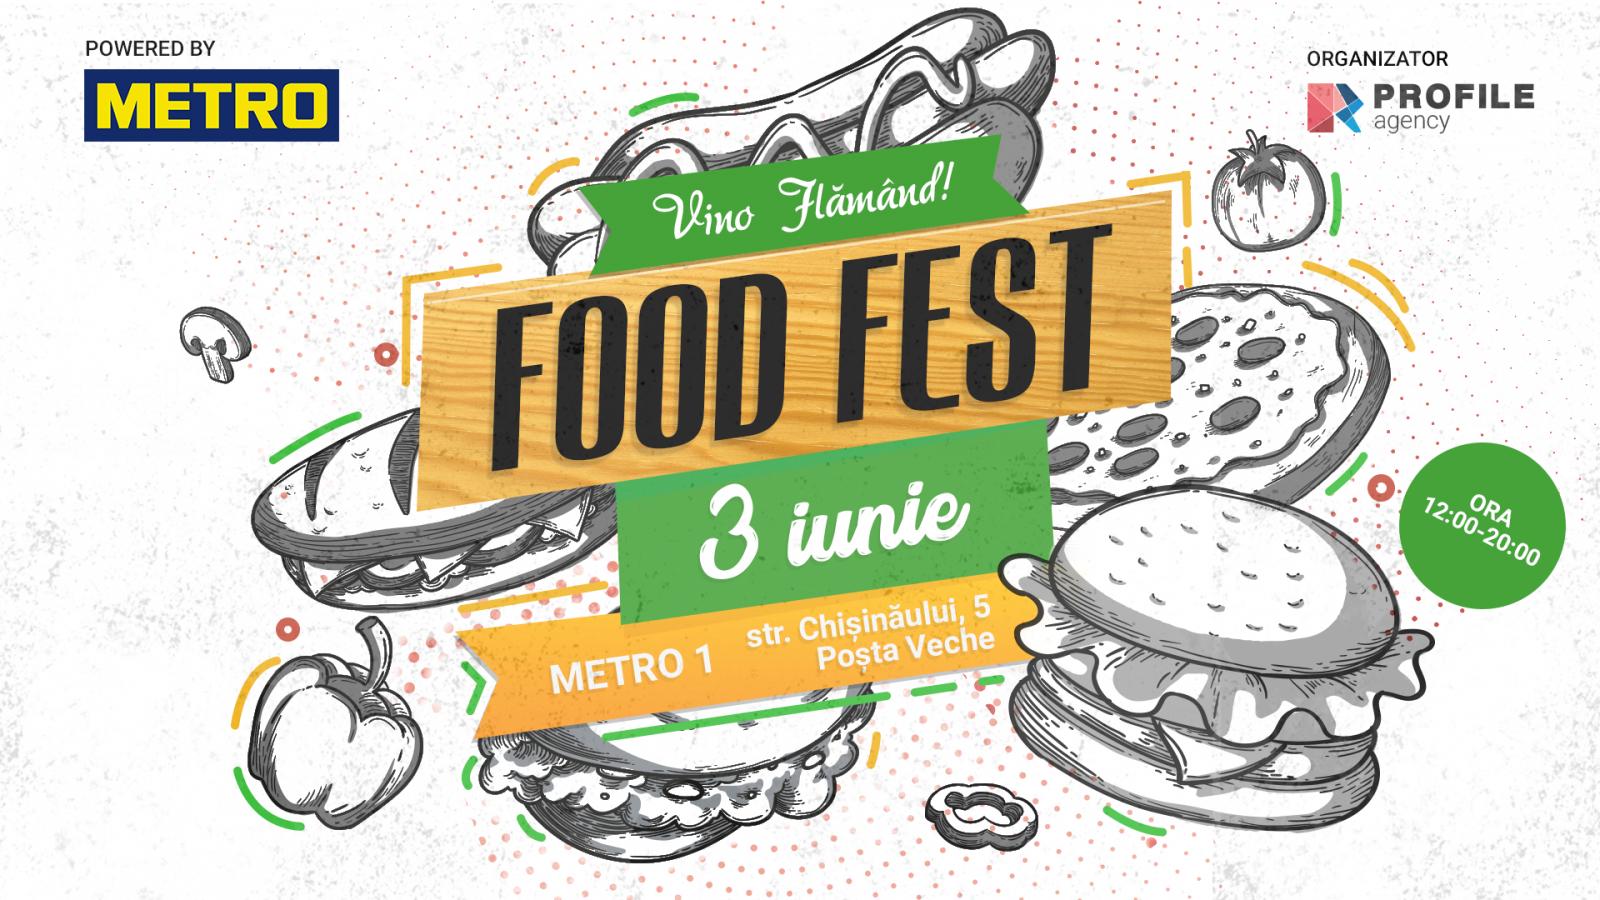 Vino flămând la FOOD FEST. Powered by Metro